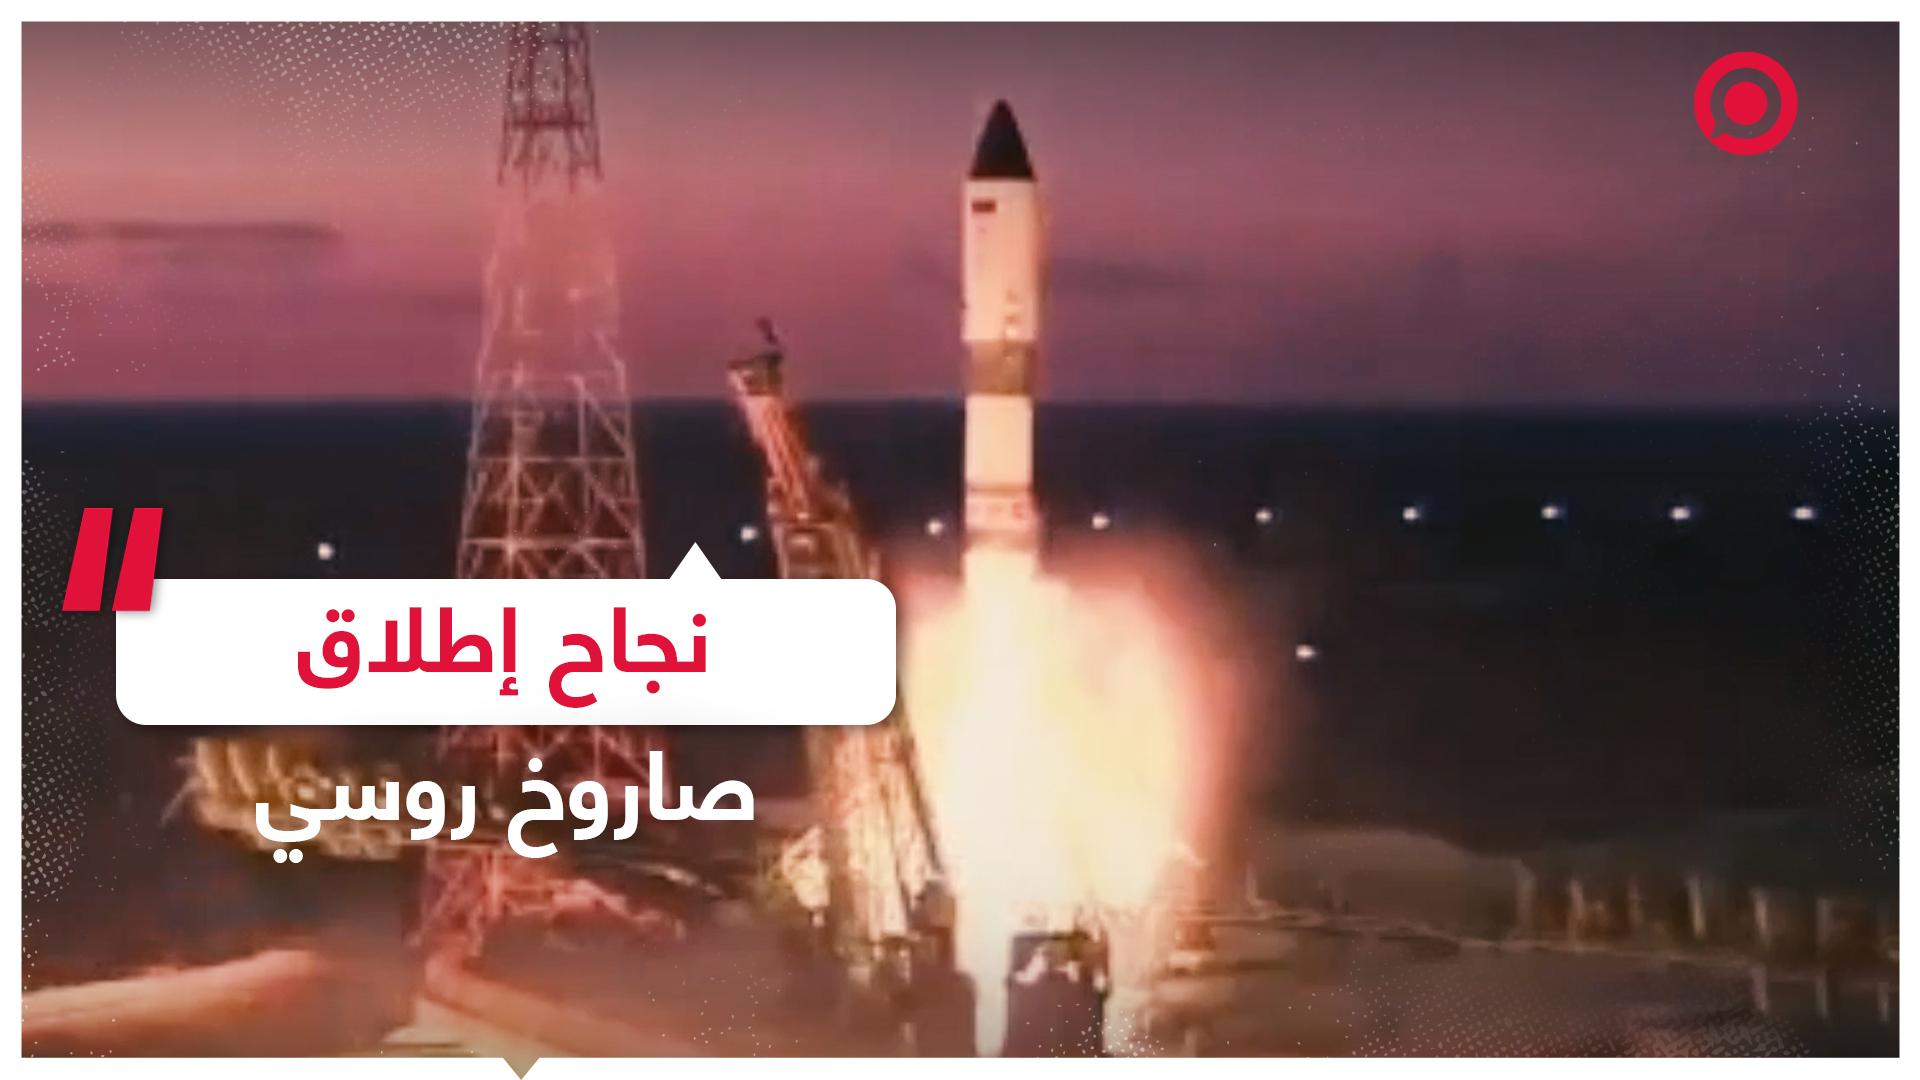 إطلاق ناجح للصاروخ الروسي